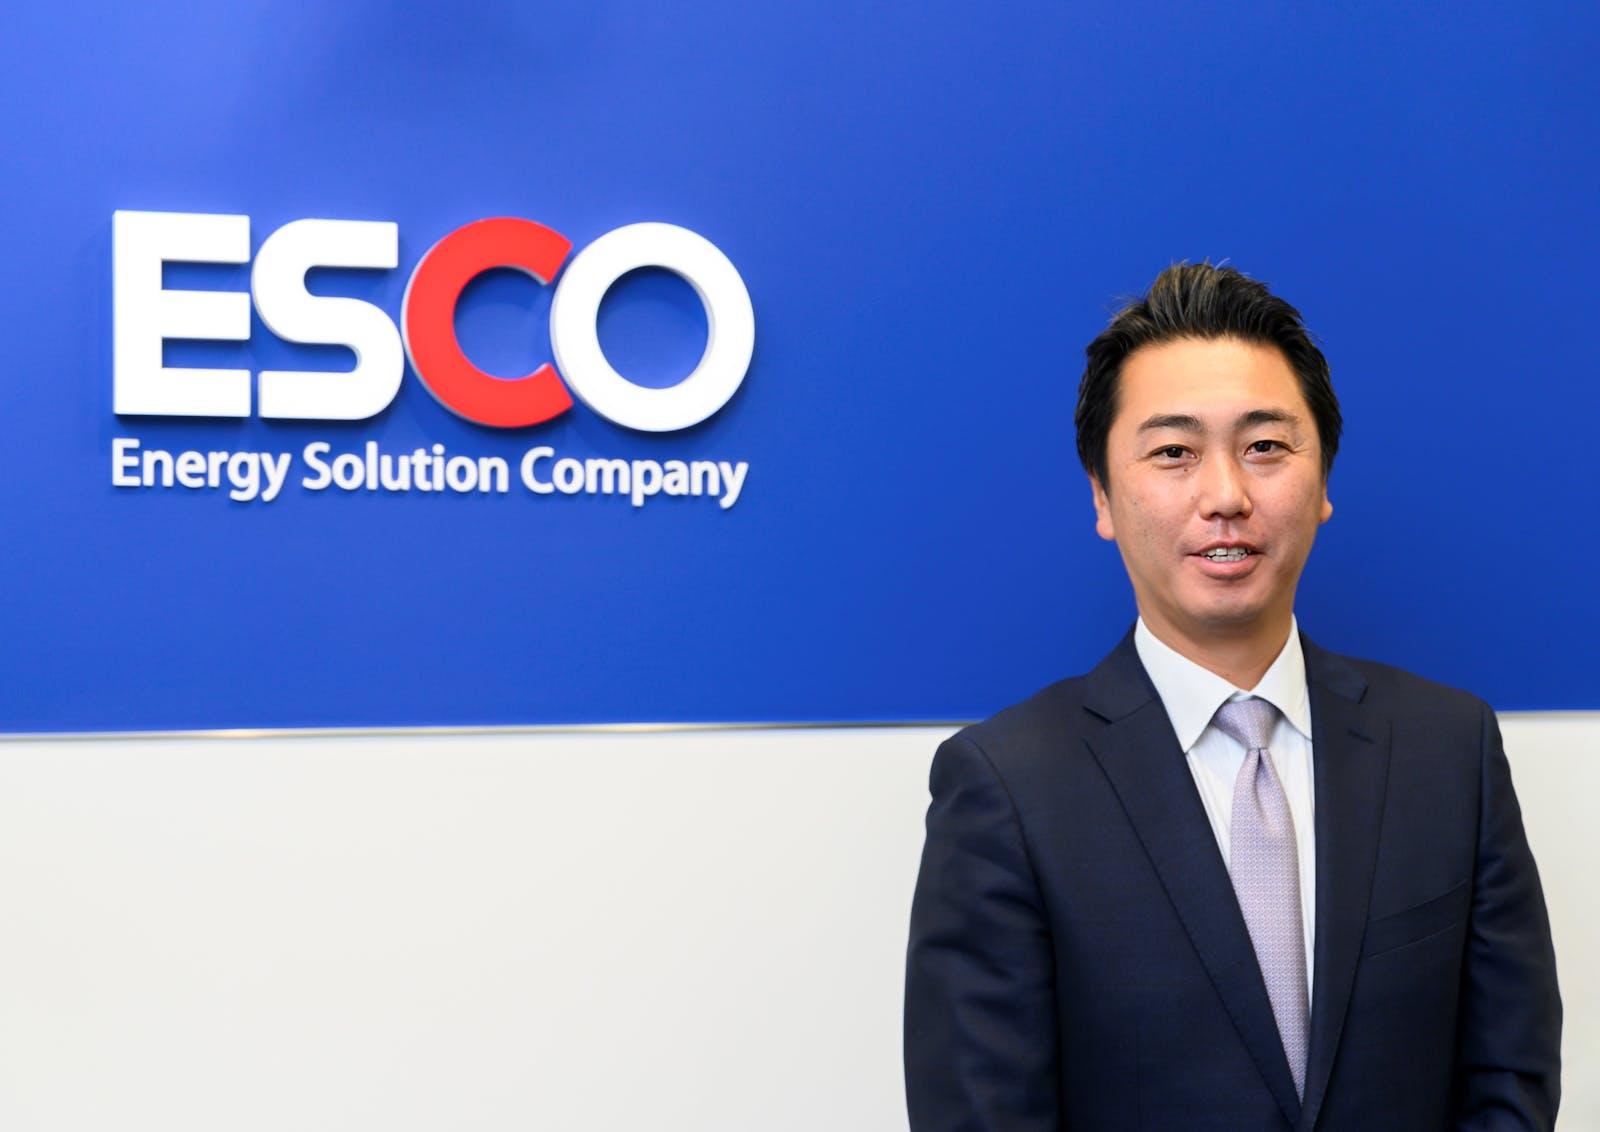 株式会社エスコのアイキャッチ画像